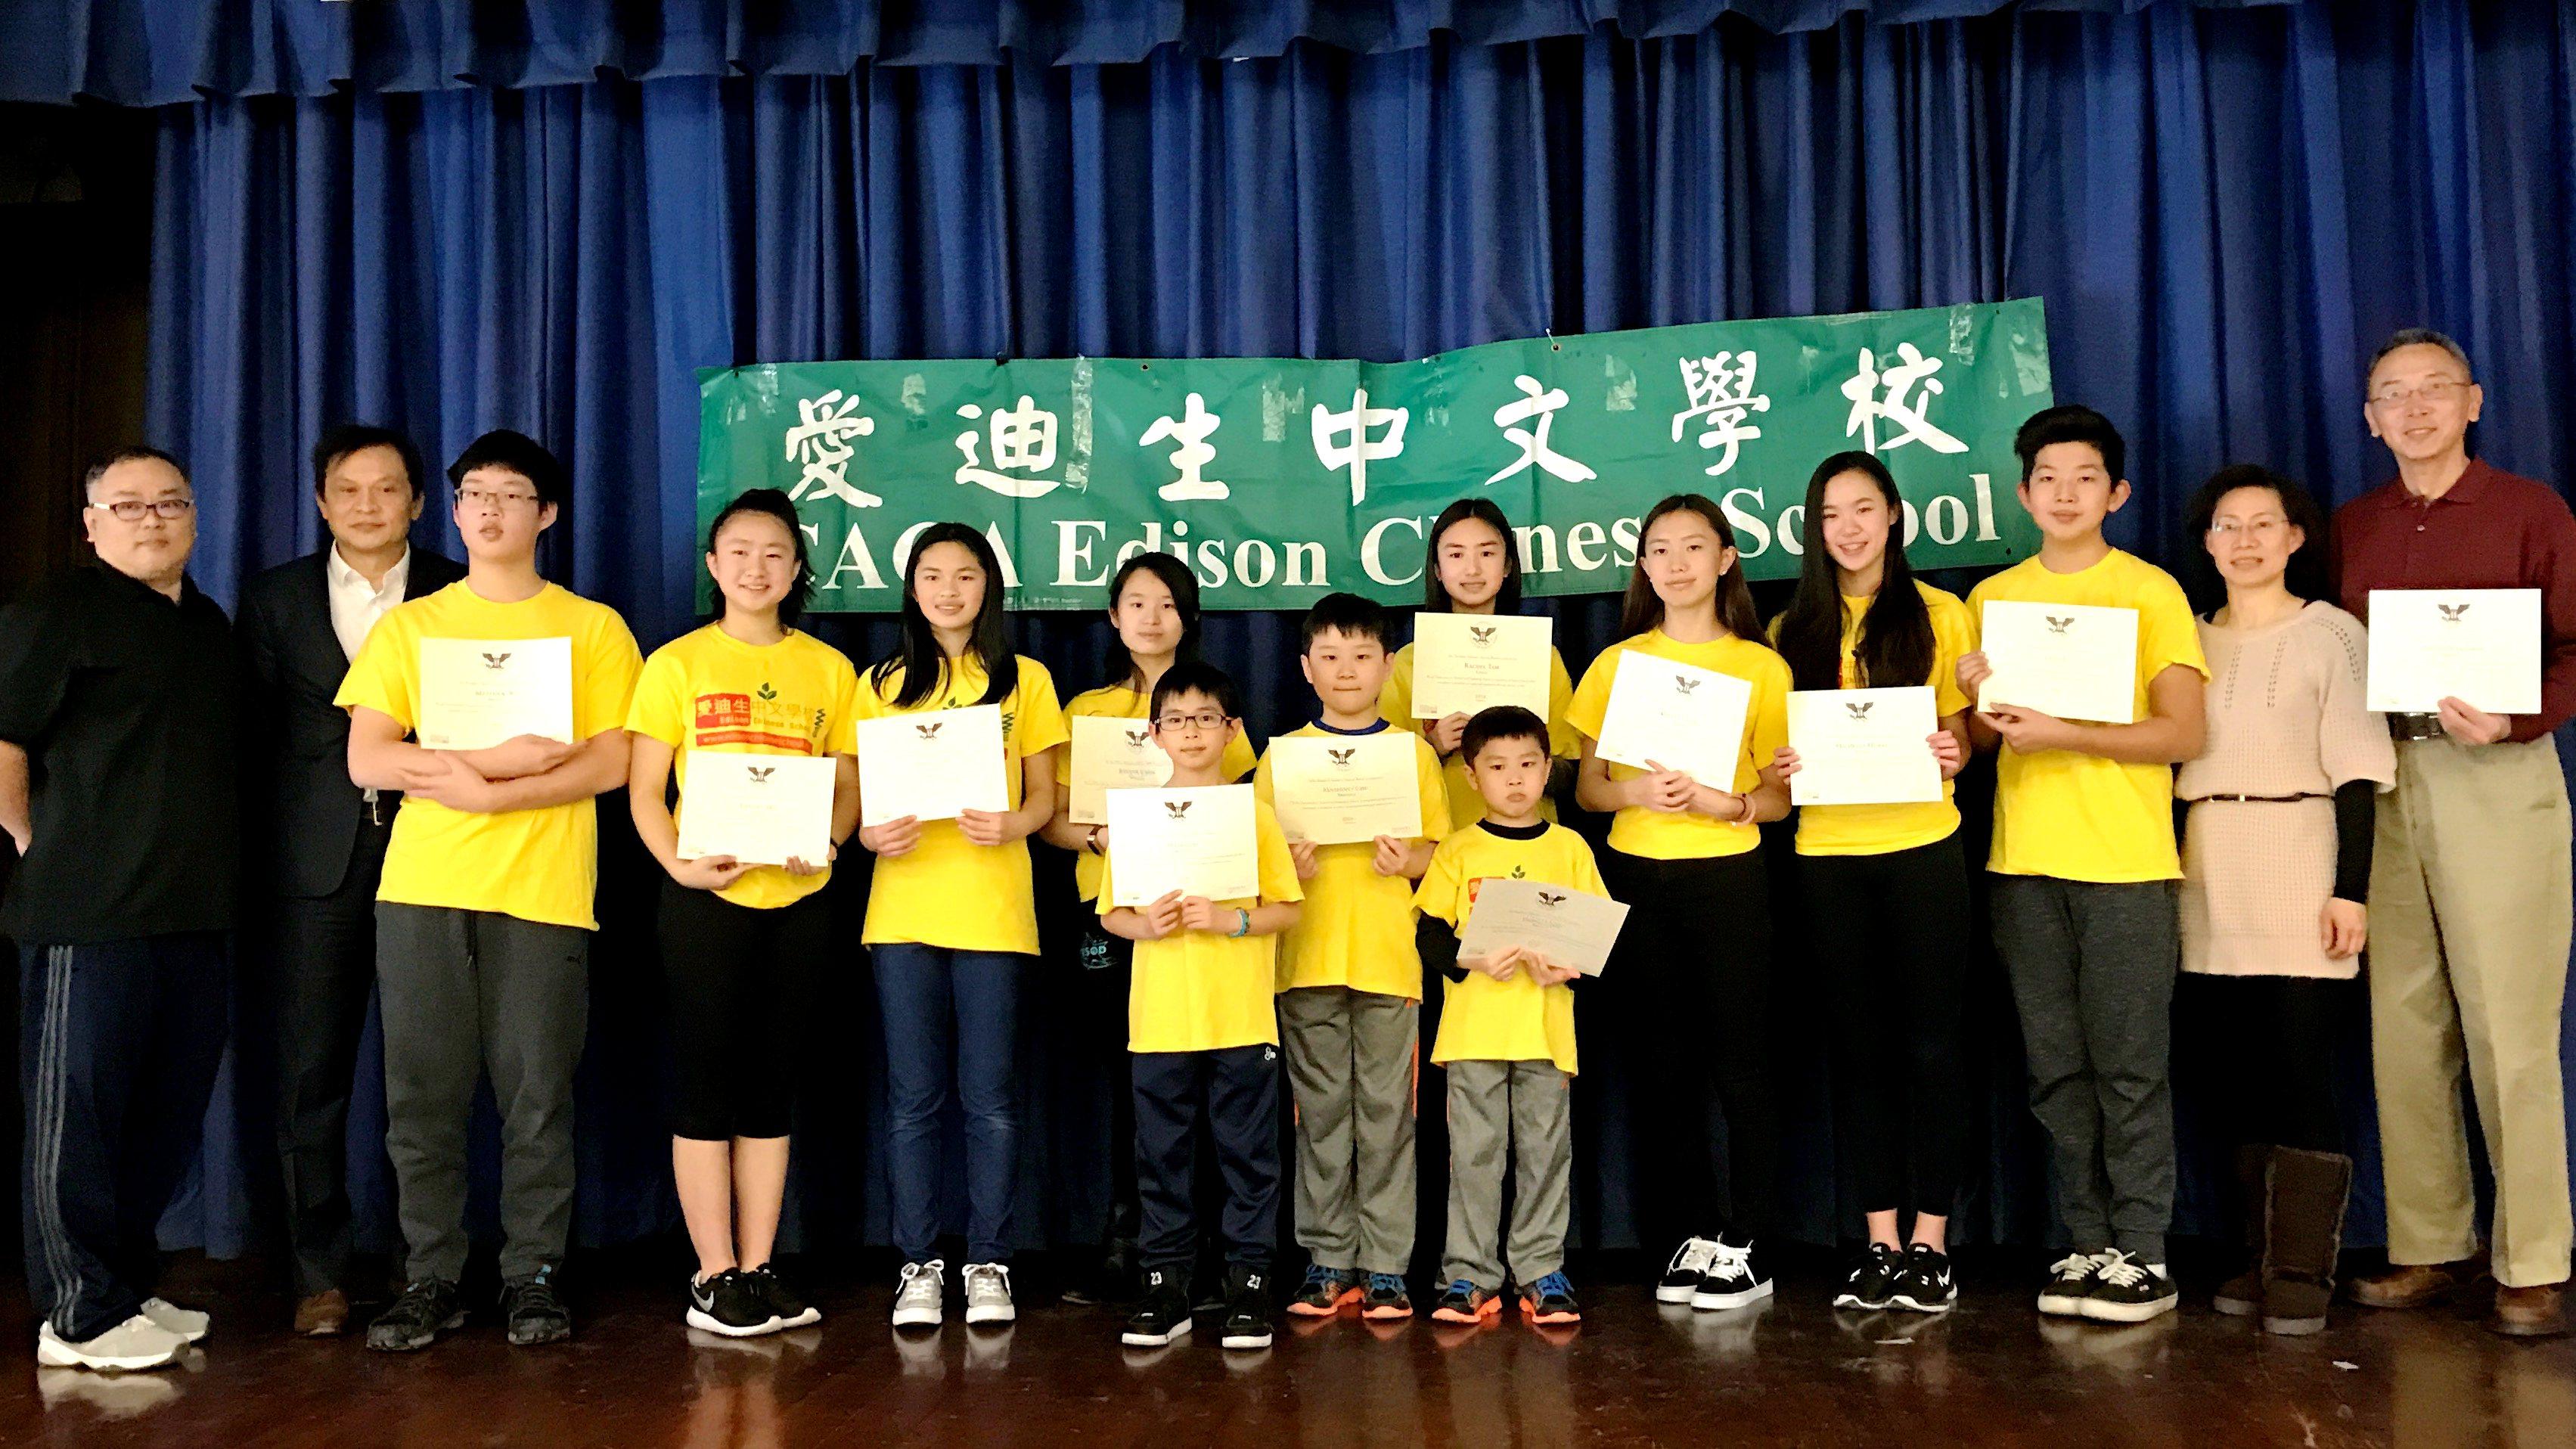 愛迪生中文學校的12名學生,獲2016年總統志工服務獎。(新澤西中文學校協會提供)